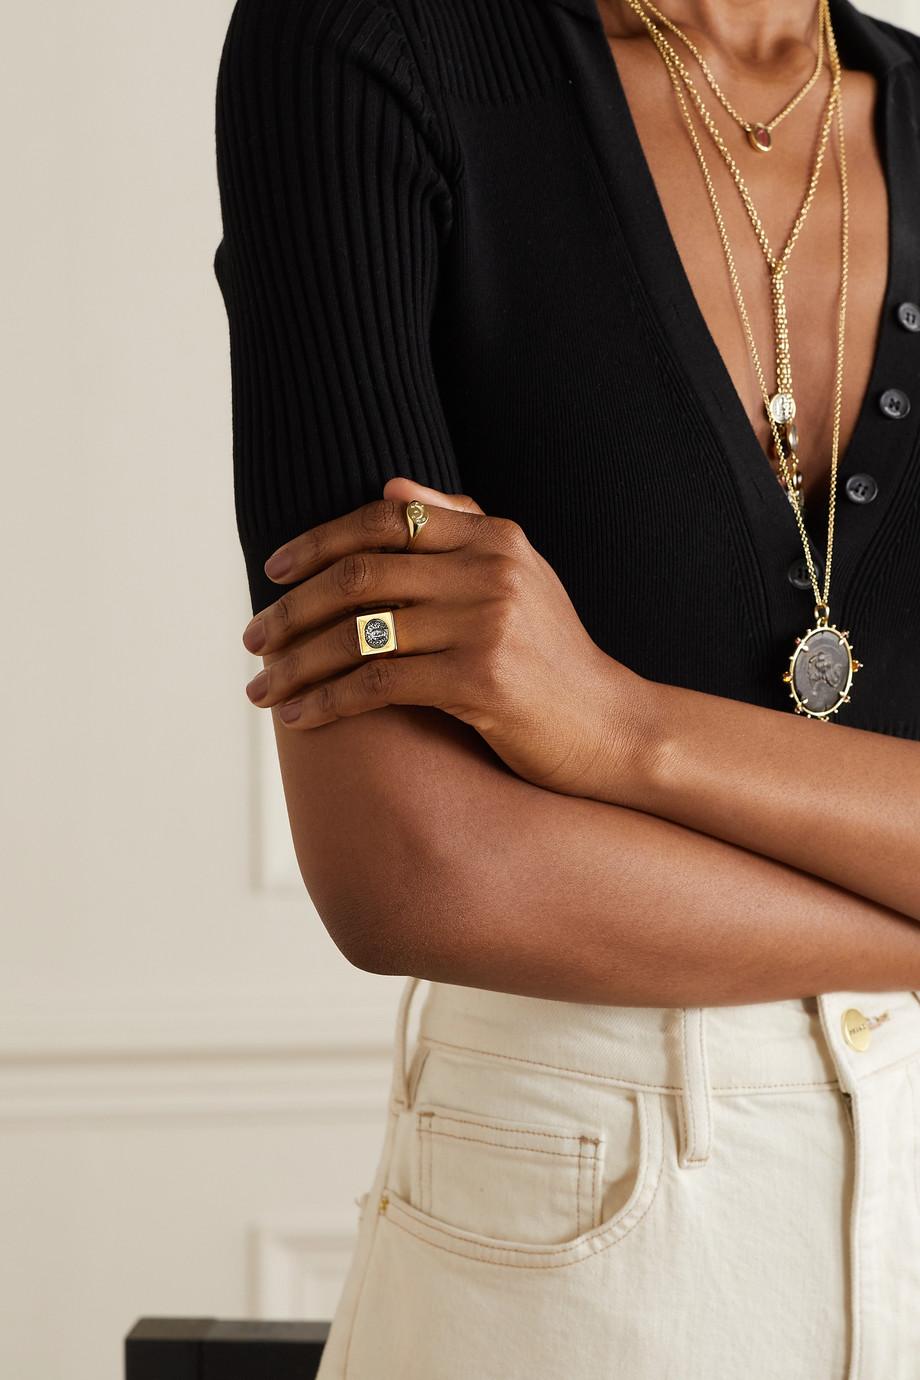 Dubini Larissa 18-karat gold and silver ring